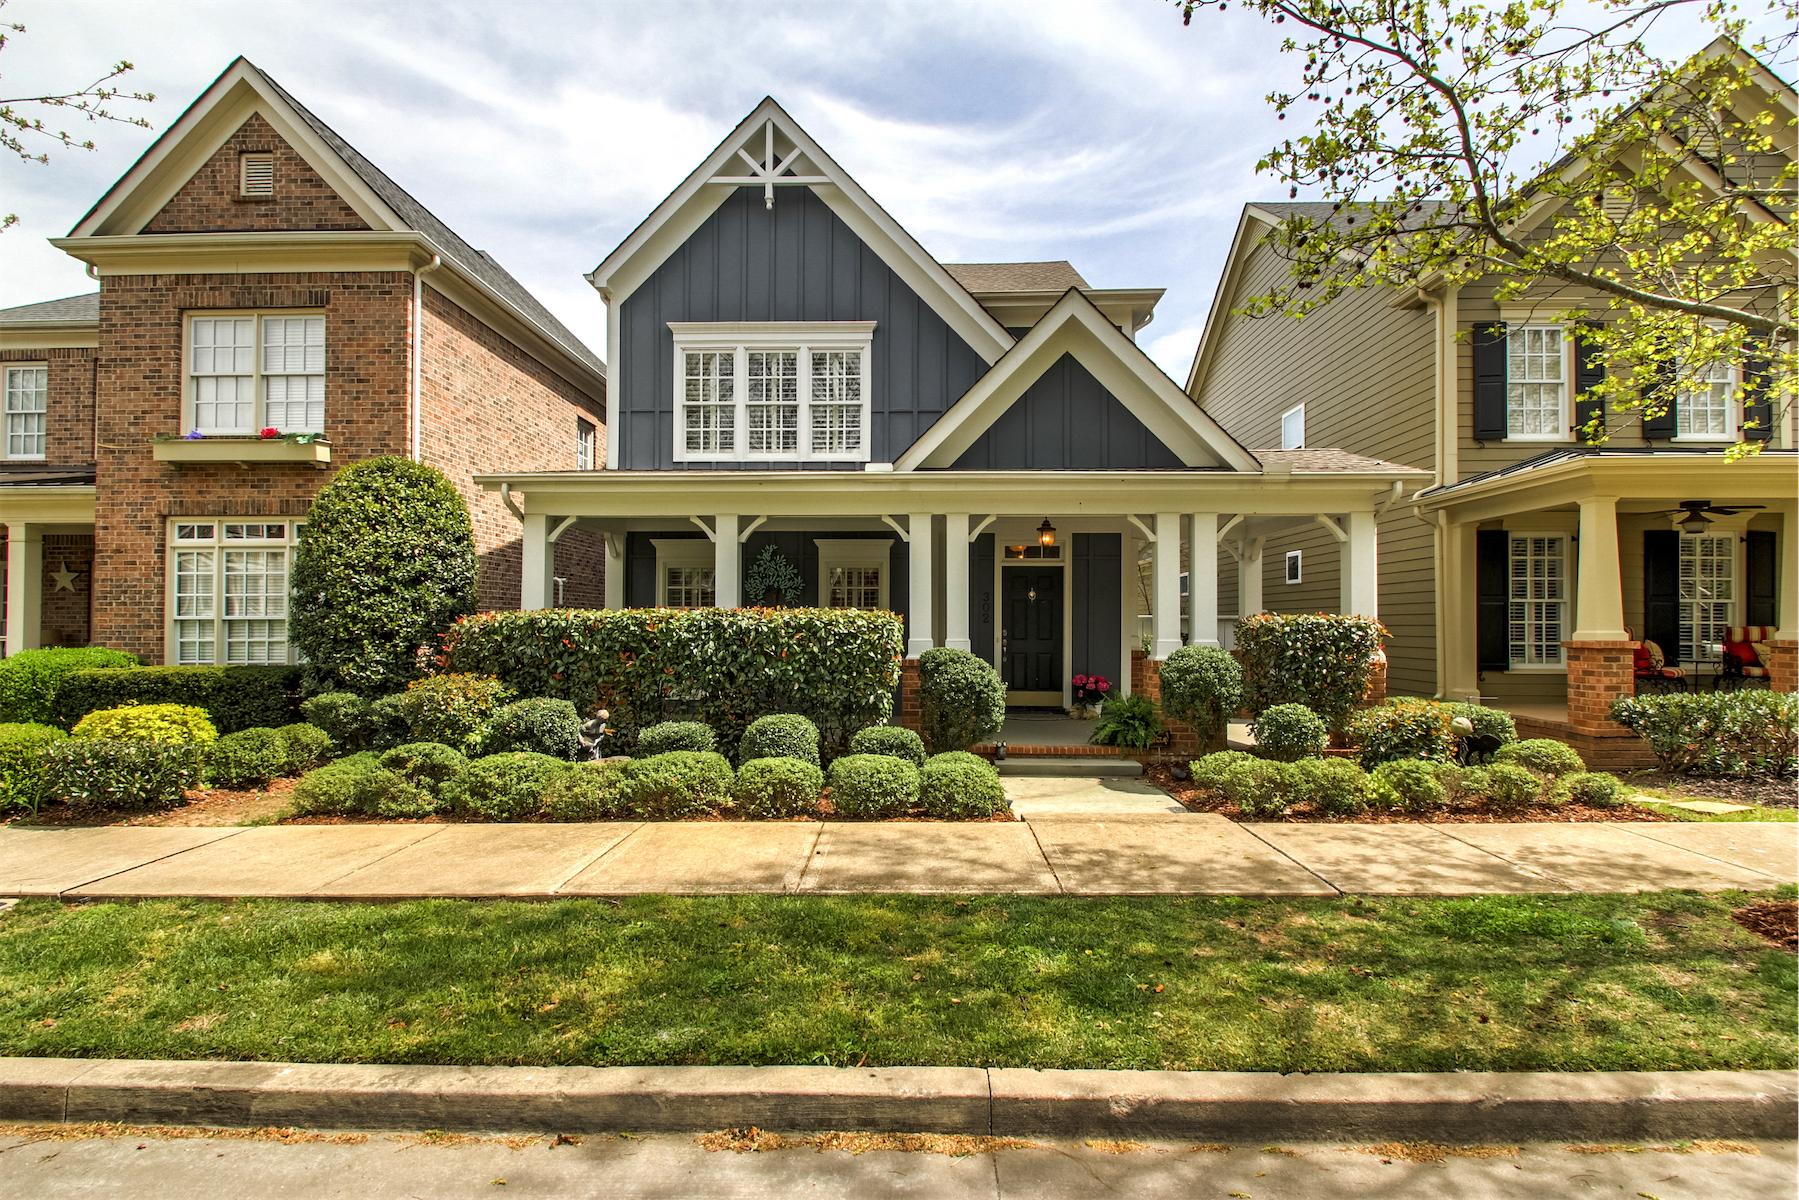 Casa para uma família para Venda às Charming Westhaven Home 302 Starling Lane Franklin, Tennessee, 37064 Estados Unidos